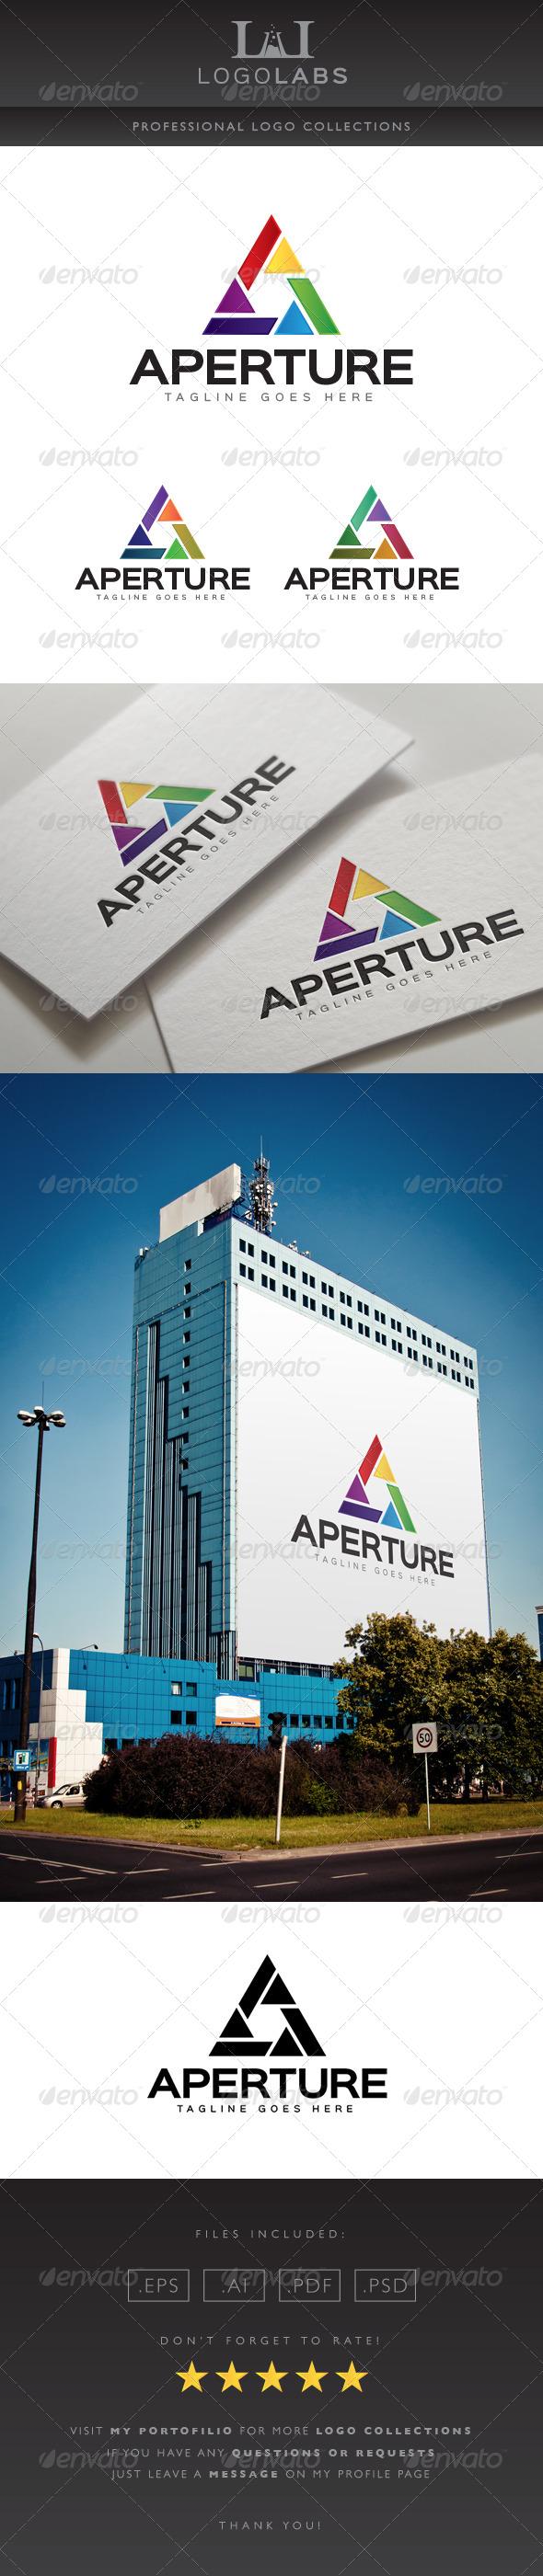 GraphicRiver Aperture Logo 8727910